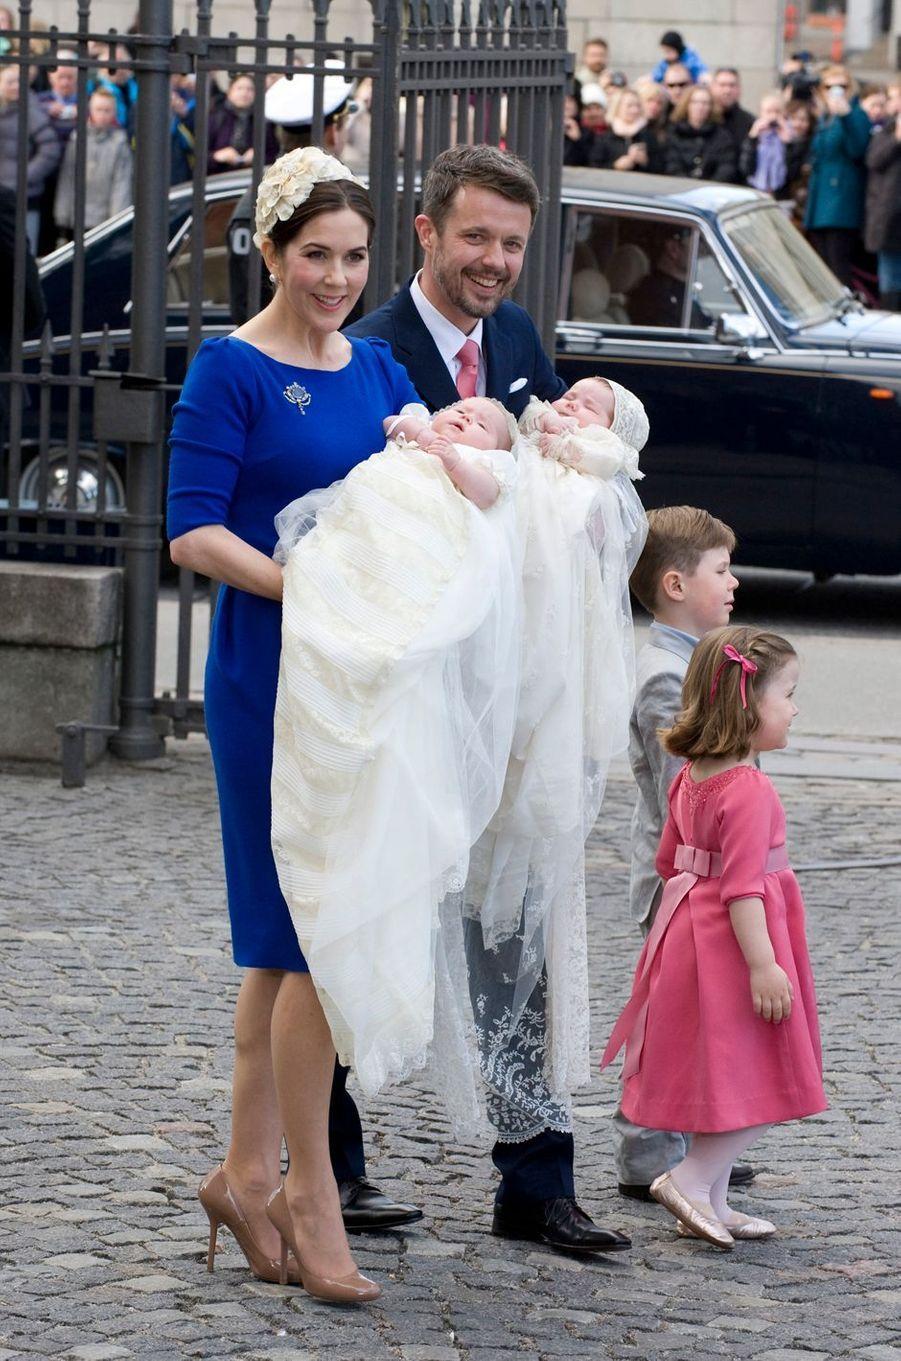 La princesse Josephine et le prince Vincent de Danemark, le 14 avril 2011, jour de leur baptême, avec leurs parents le prince héritier Frederik et la princesse Mary, leur frère le prince Christian et leur soeur la princesse Isabella